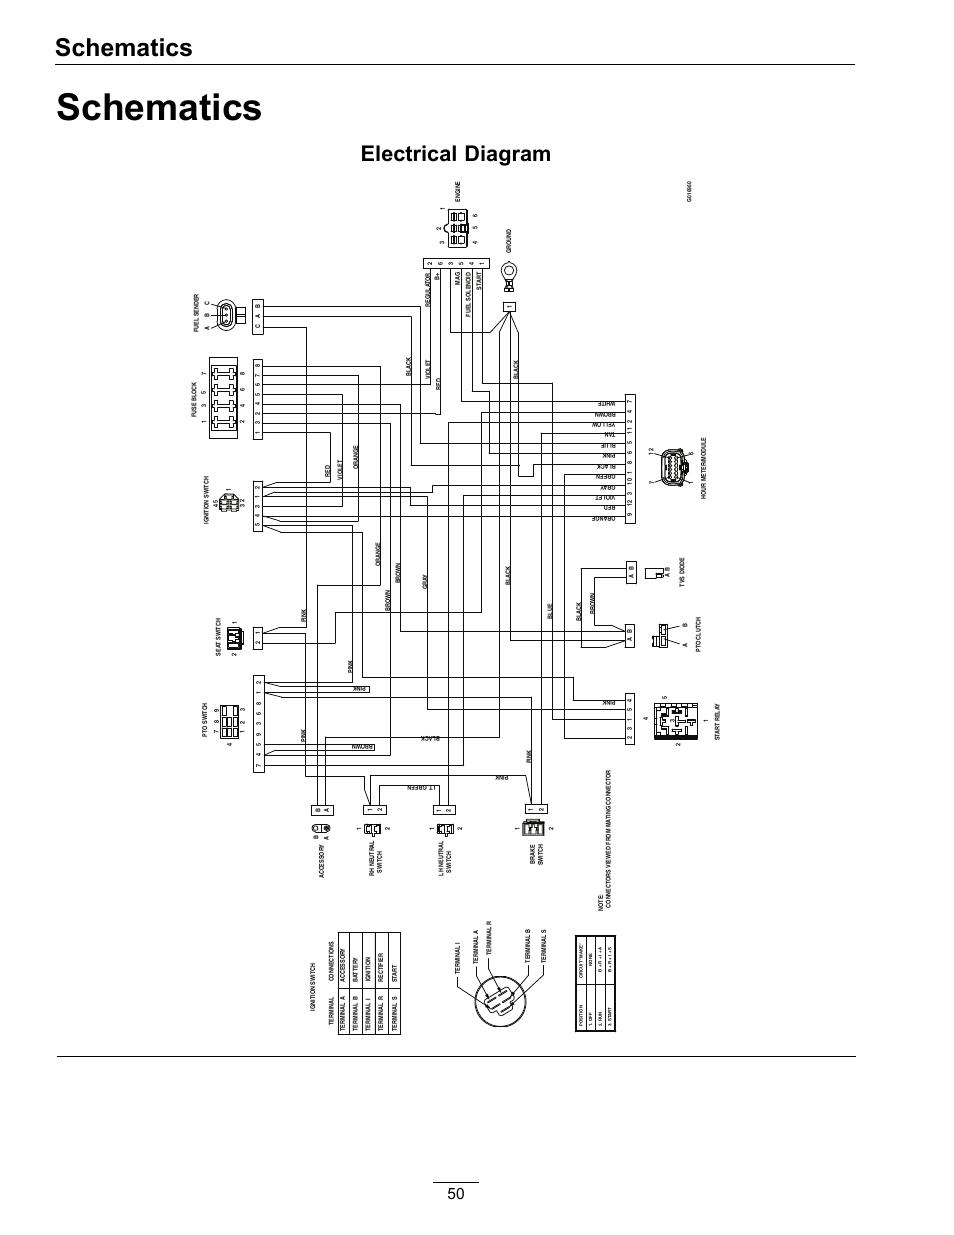 Kawasaki 750xi Jetski Switch Wiring Diagram